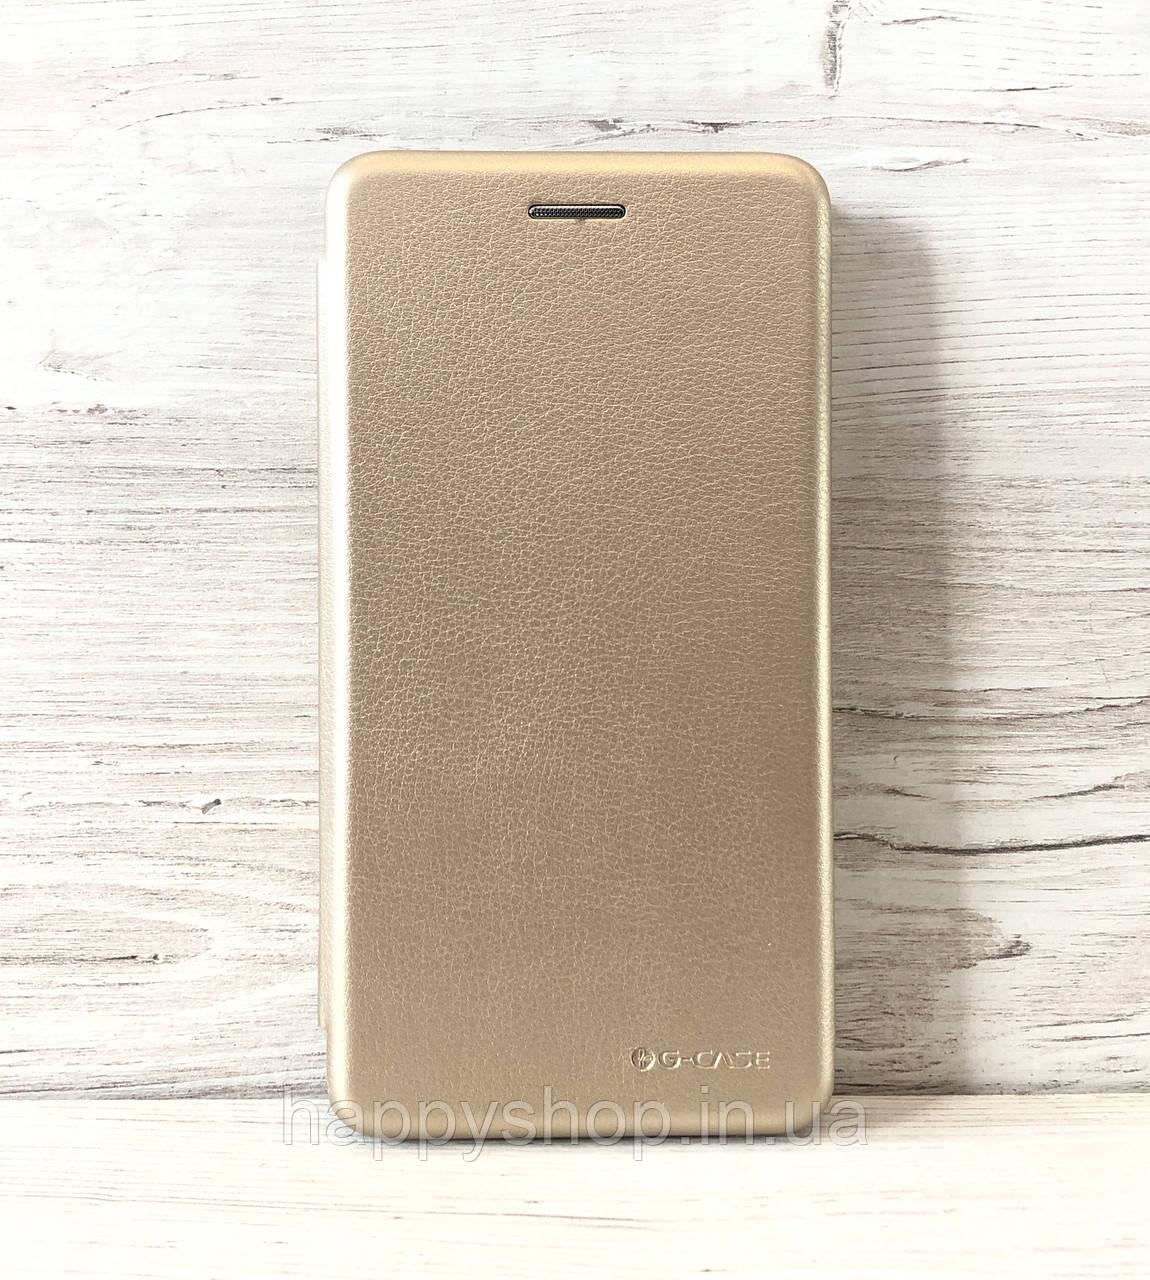 Чехол-книжка G-Case для Huawei Y5 2019 (Золотистый)